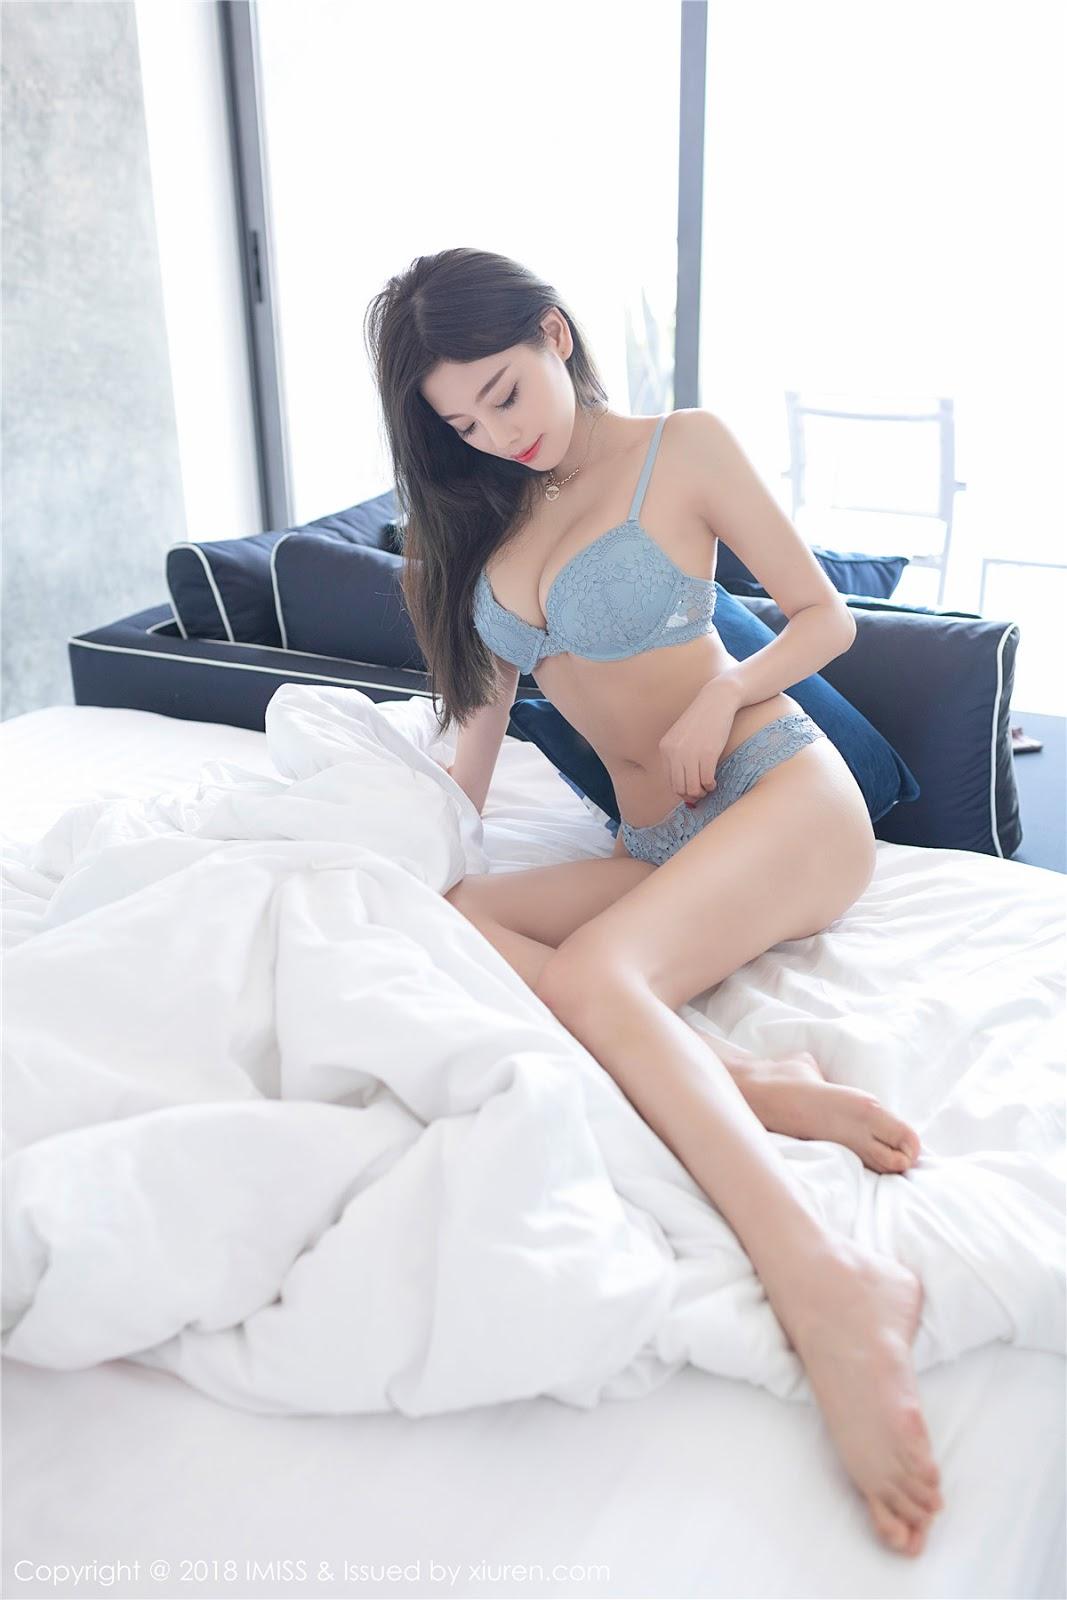 Hot Girls ♔♔… 杨晨晨sugar, - Trang 7